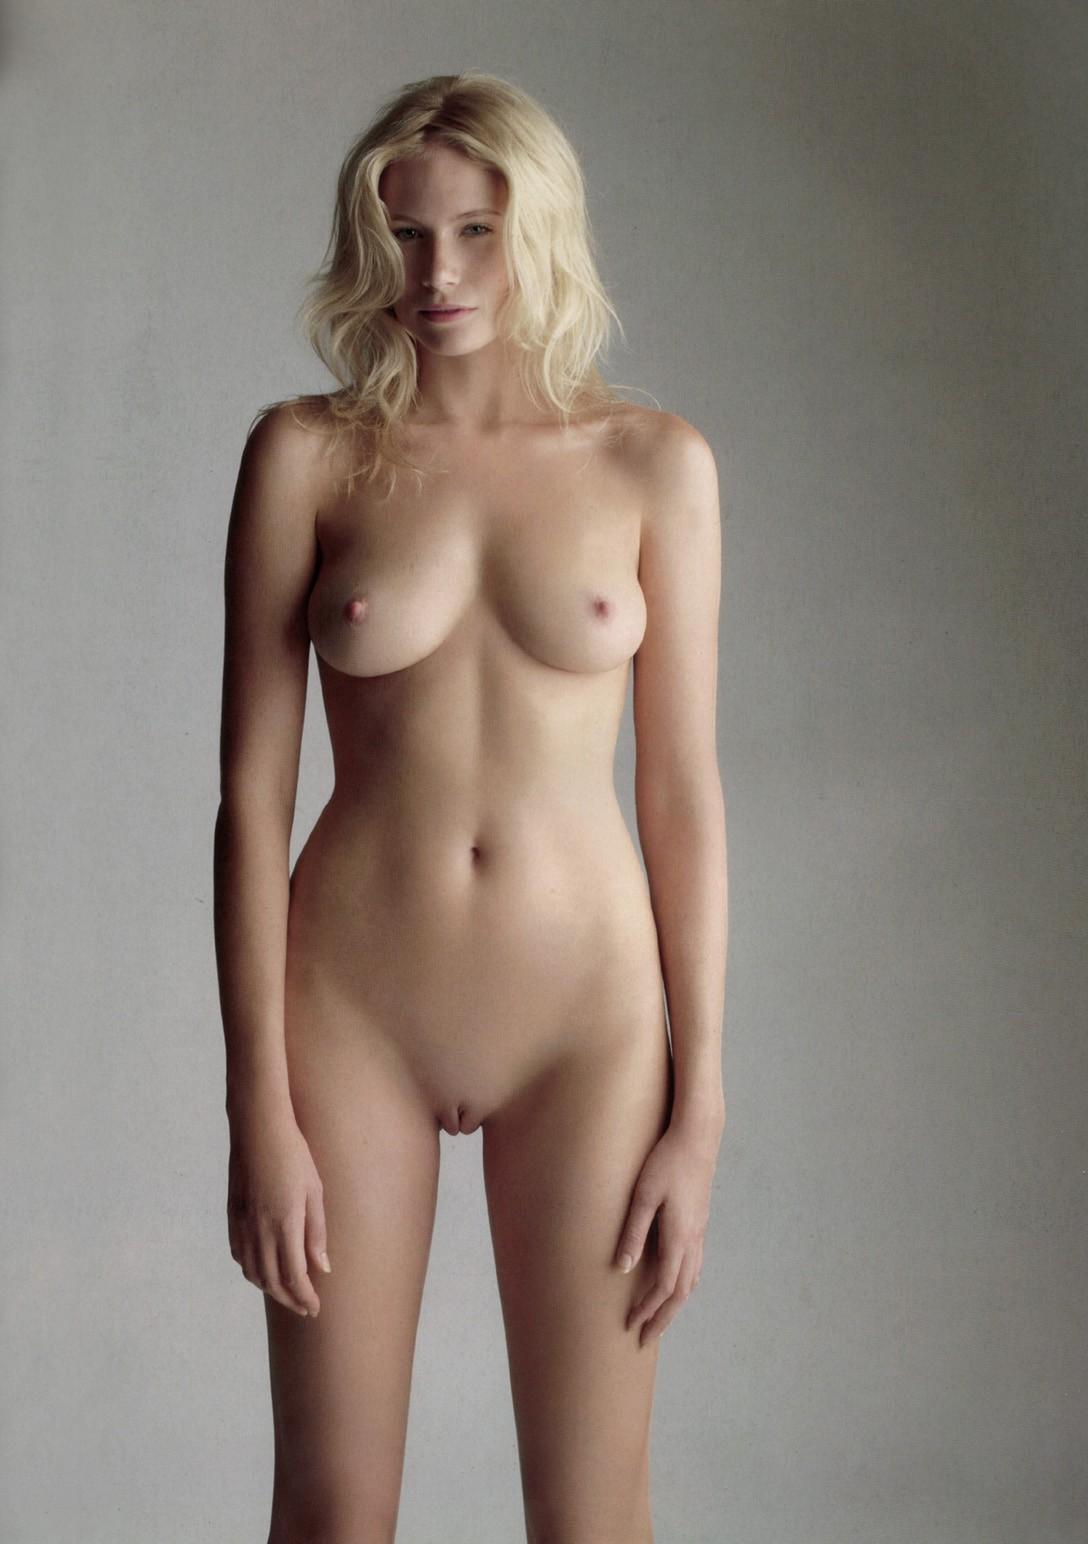 naked-scallys-roasted